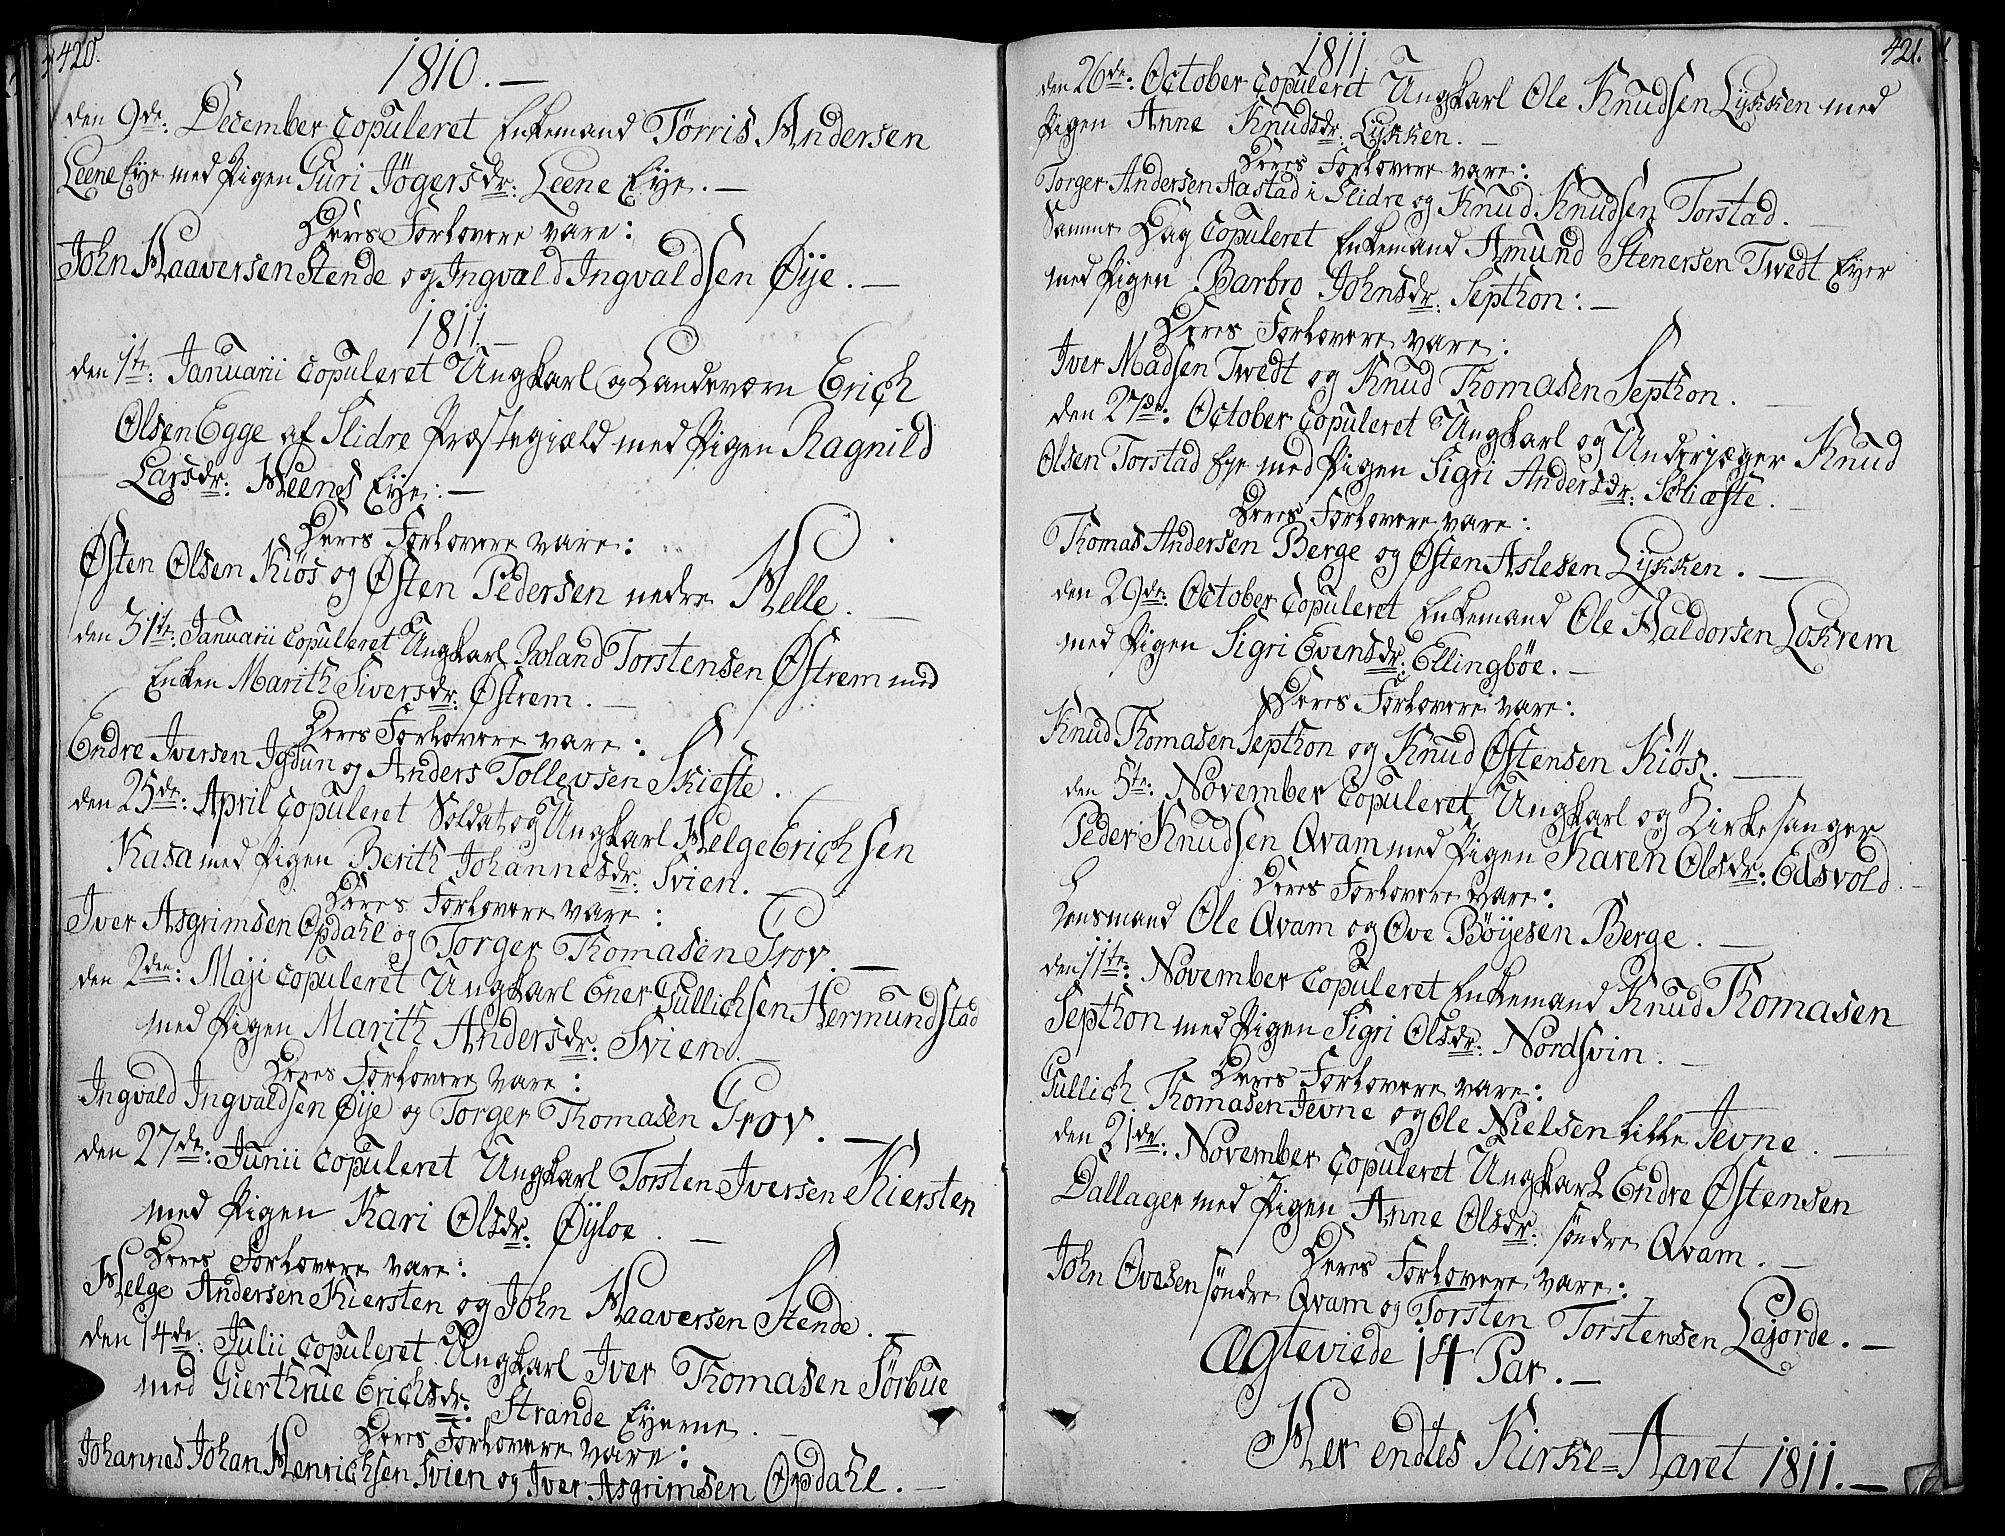 SAH, Vang prestekontor, Valdres, Ministerialbok nr. 3, 1809-1831, s. 420-421